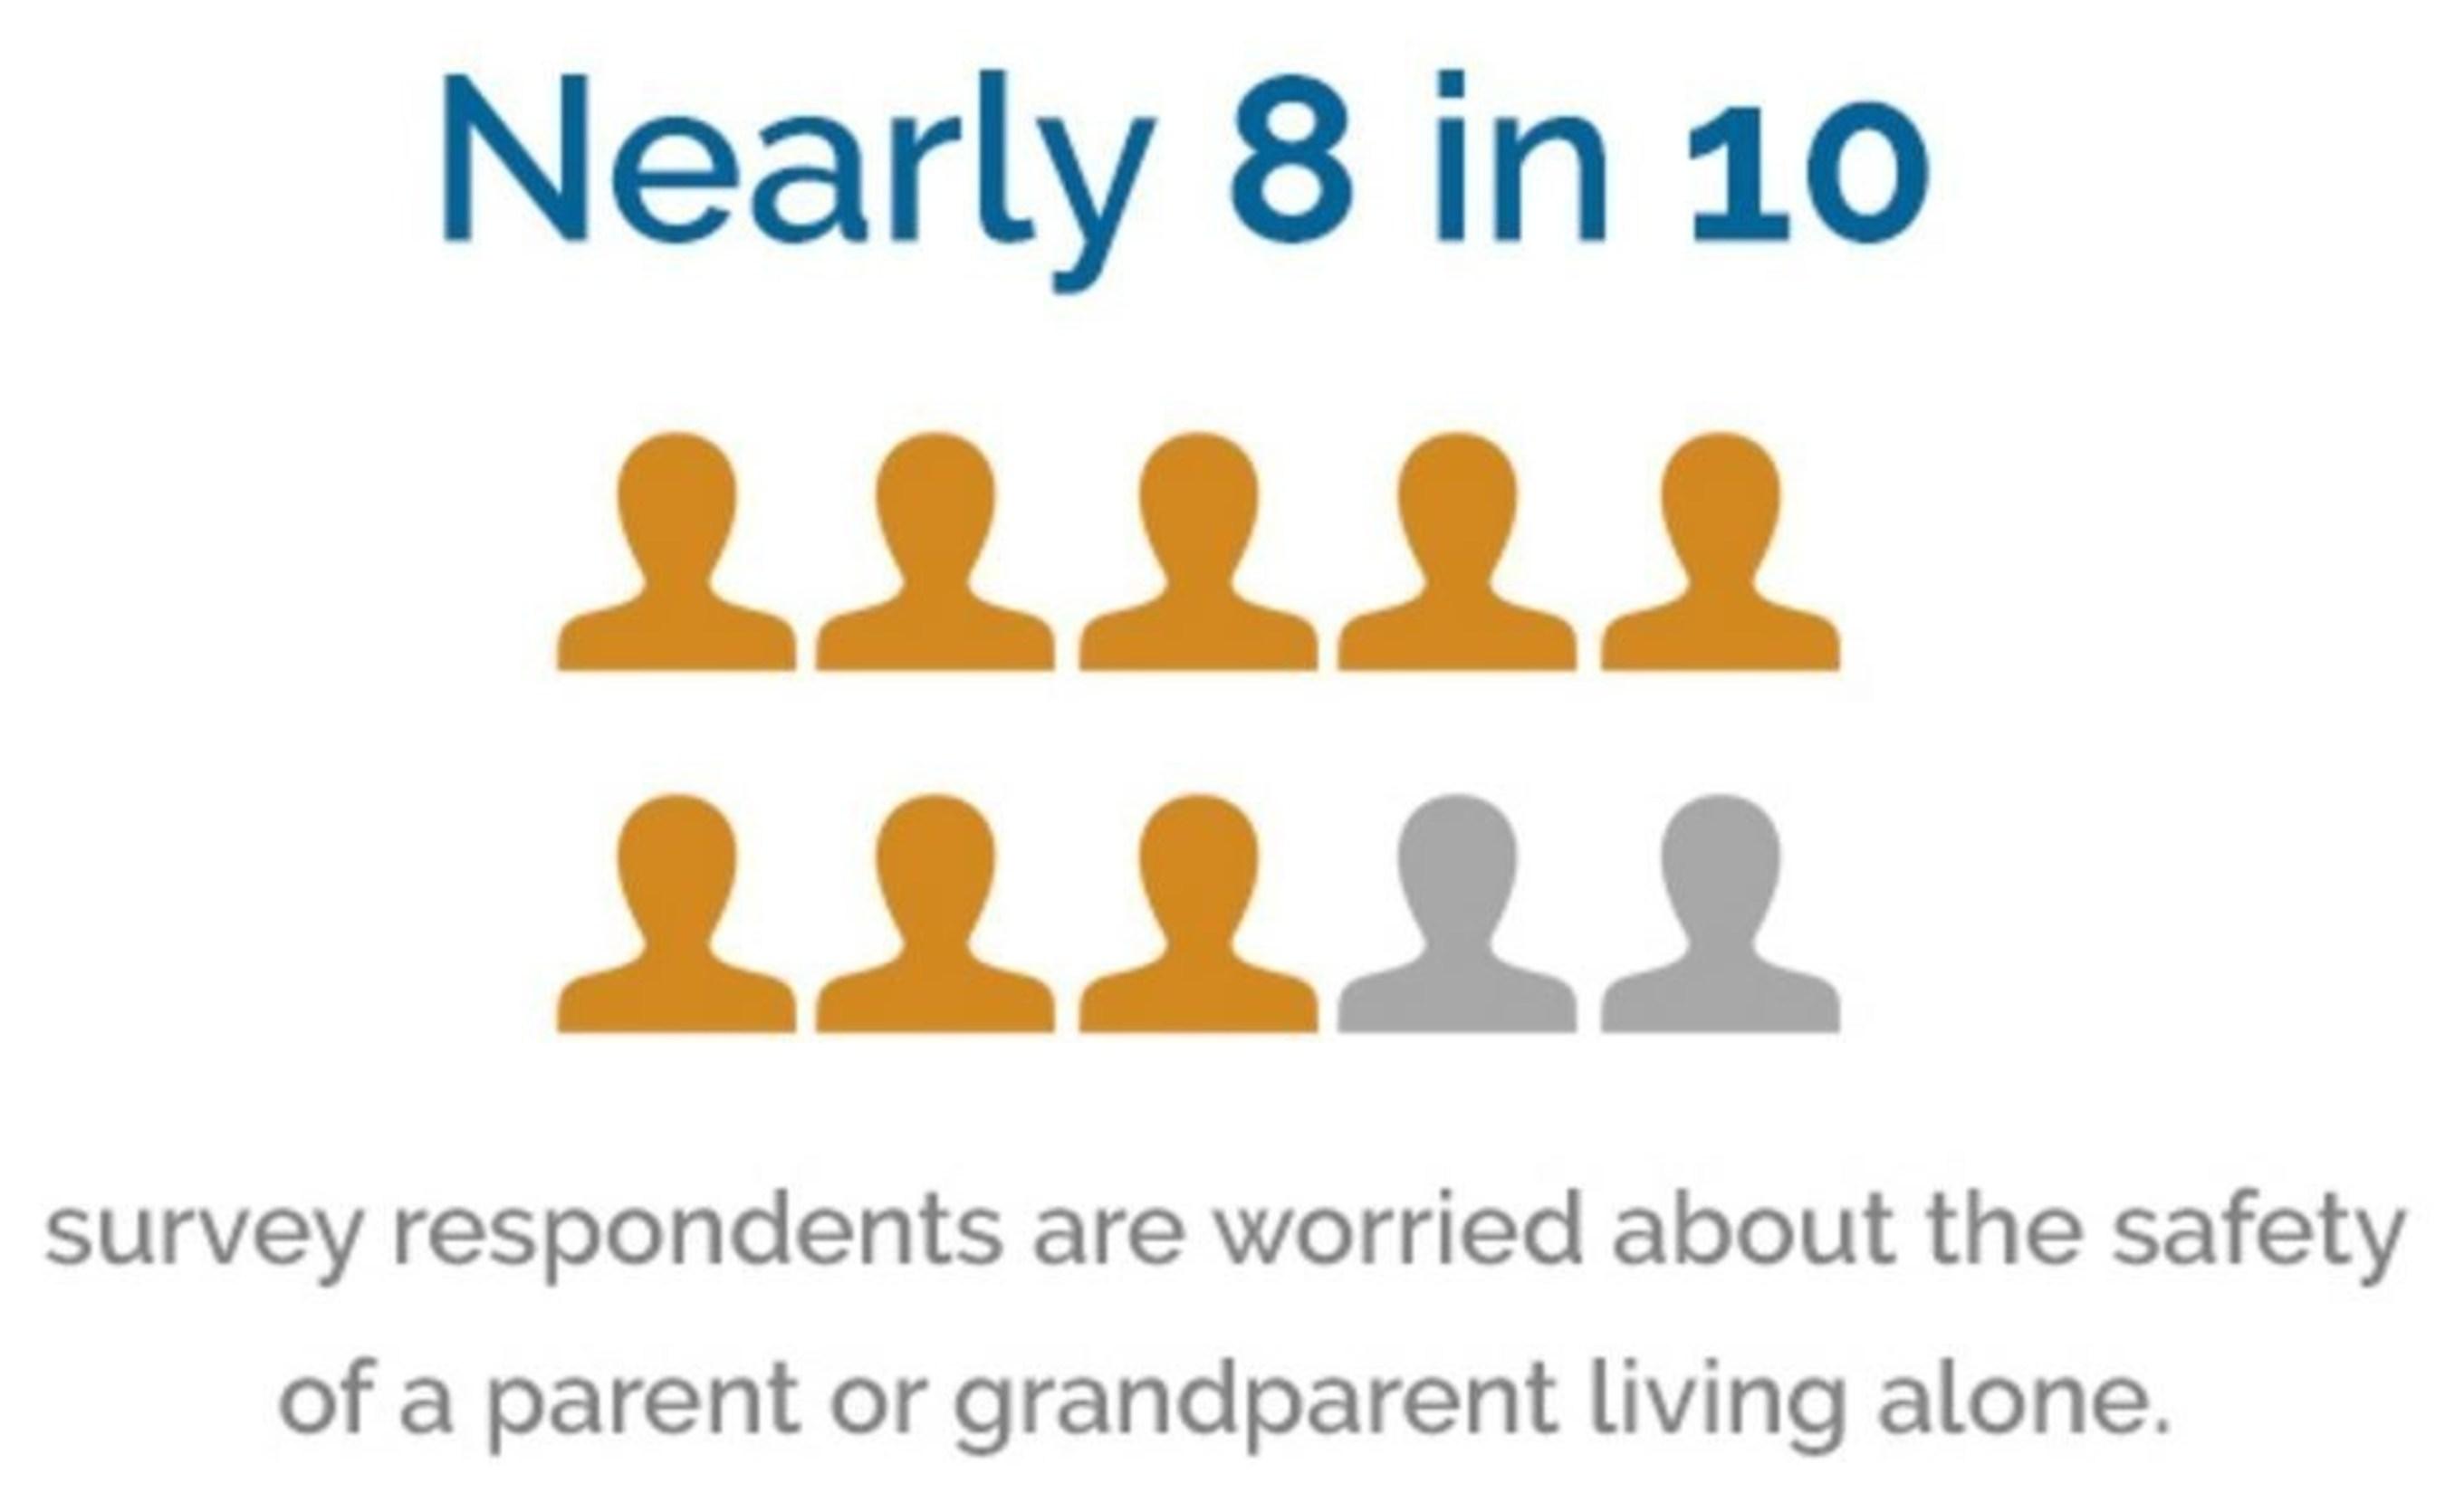 Millions of Senior Citizens Ill-Prepared to Live Alone